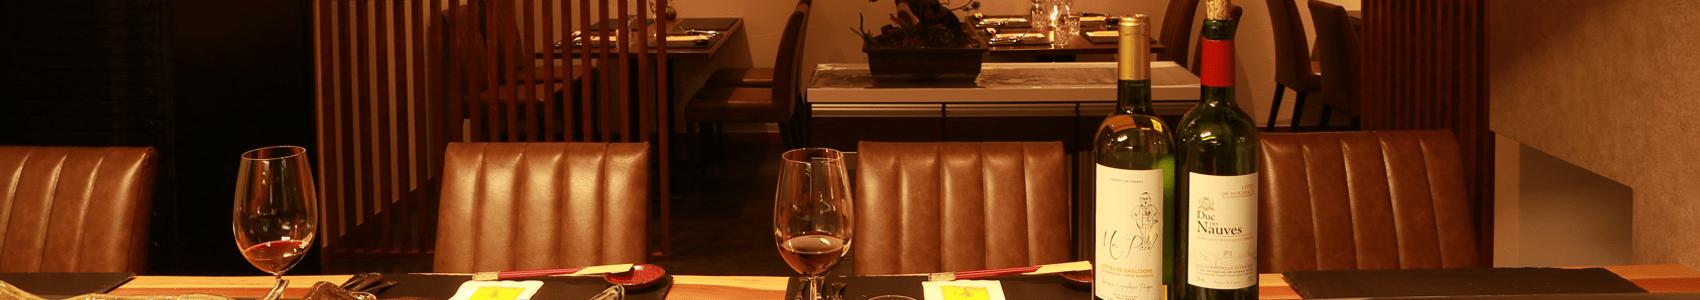 ワイン メイン画像